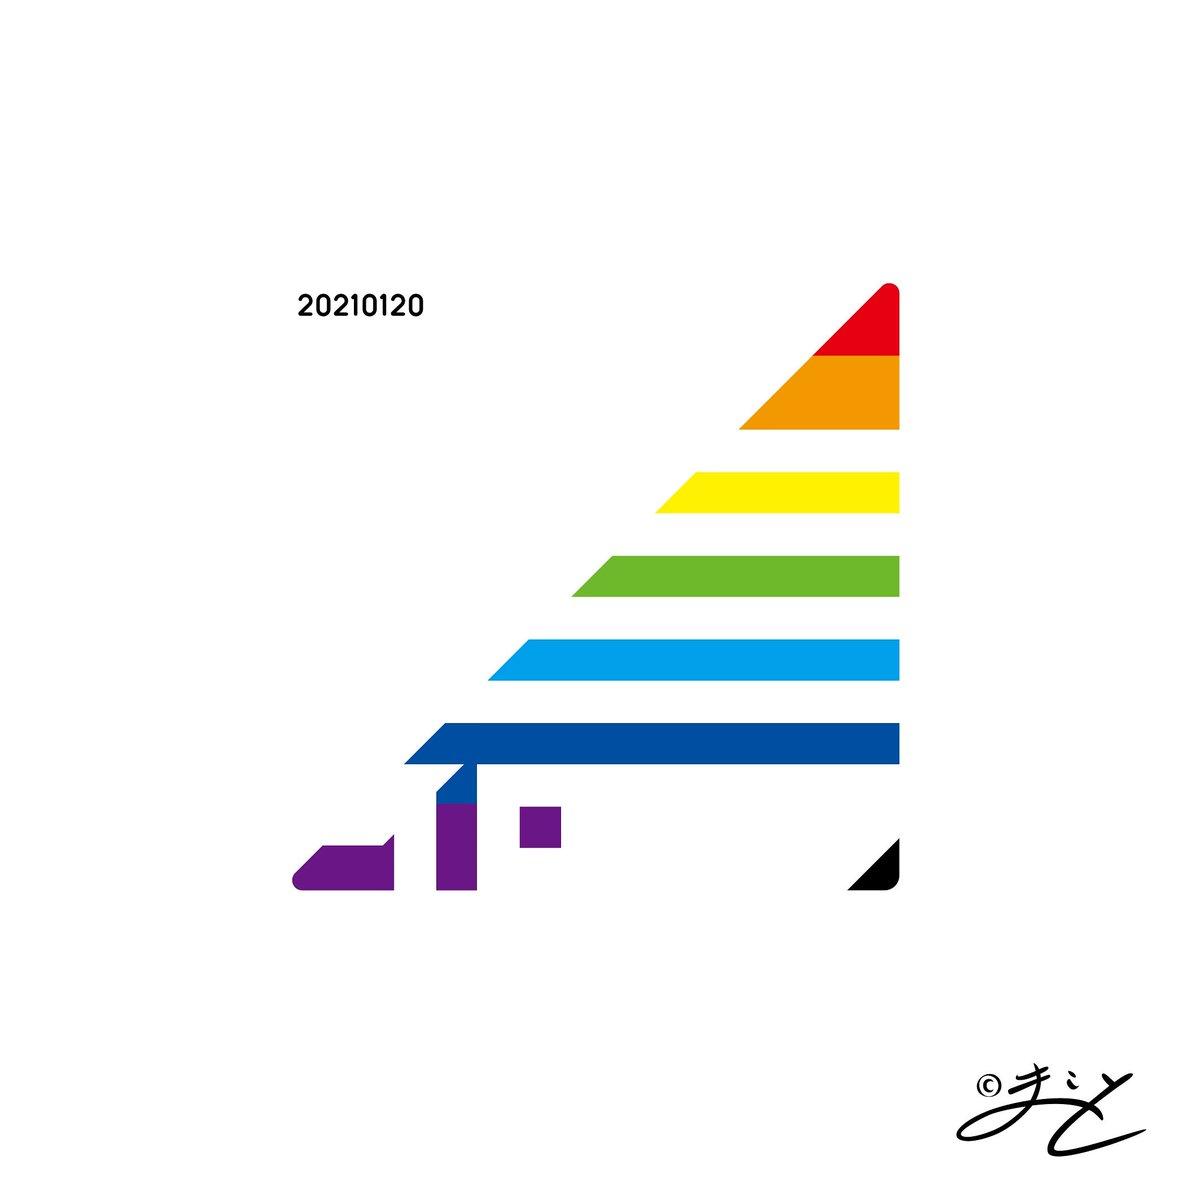 ~本日のタルト~  #522日目 #522nd #makotartdesign #makoto #design #art #everyday #memorial #logo #マコタルトデザイン #マコタルト #デザイン #アート #毎日 #ロゴ #信  これまでのデザインはこちら ⬇